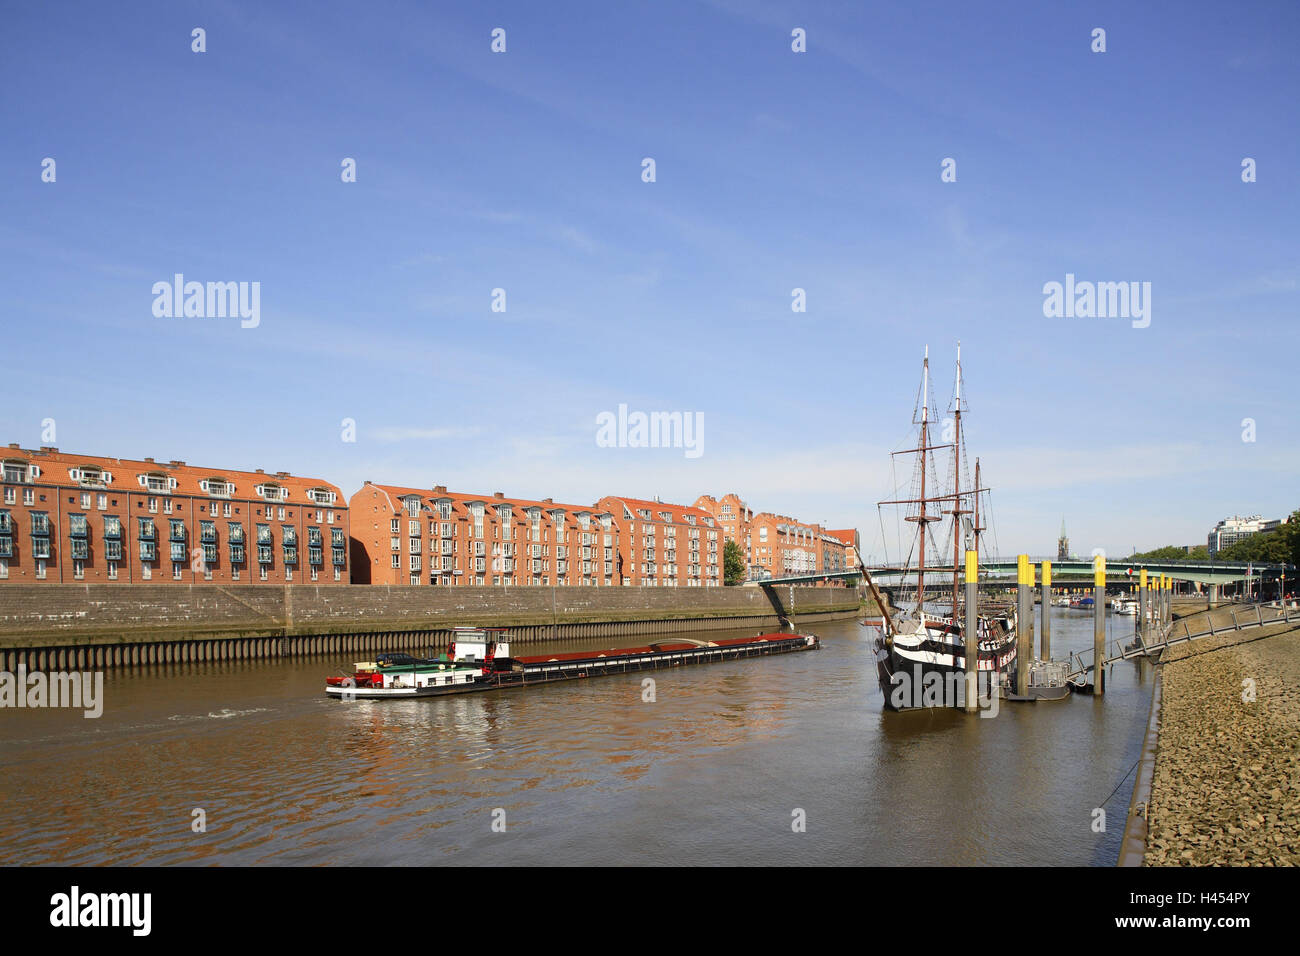 Germany, Bremen (city), Schlachte Embankment, Teerhof, Pannekoekschip, cargo ship, river Weser, Northern Germany, - Stock Image